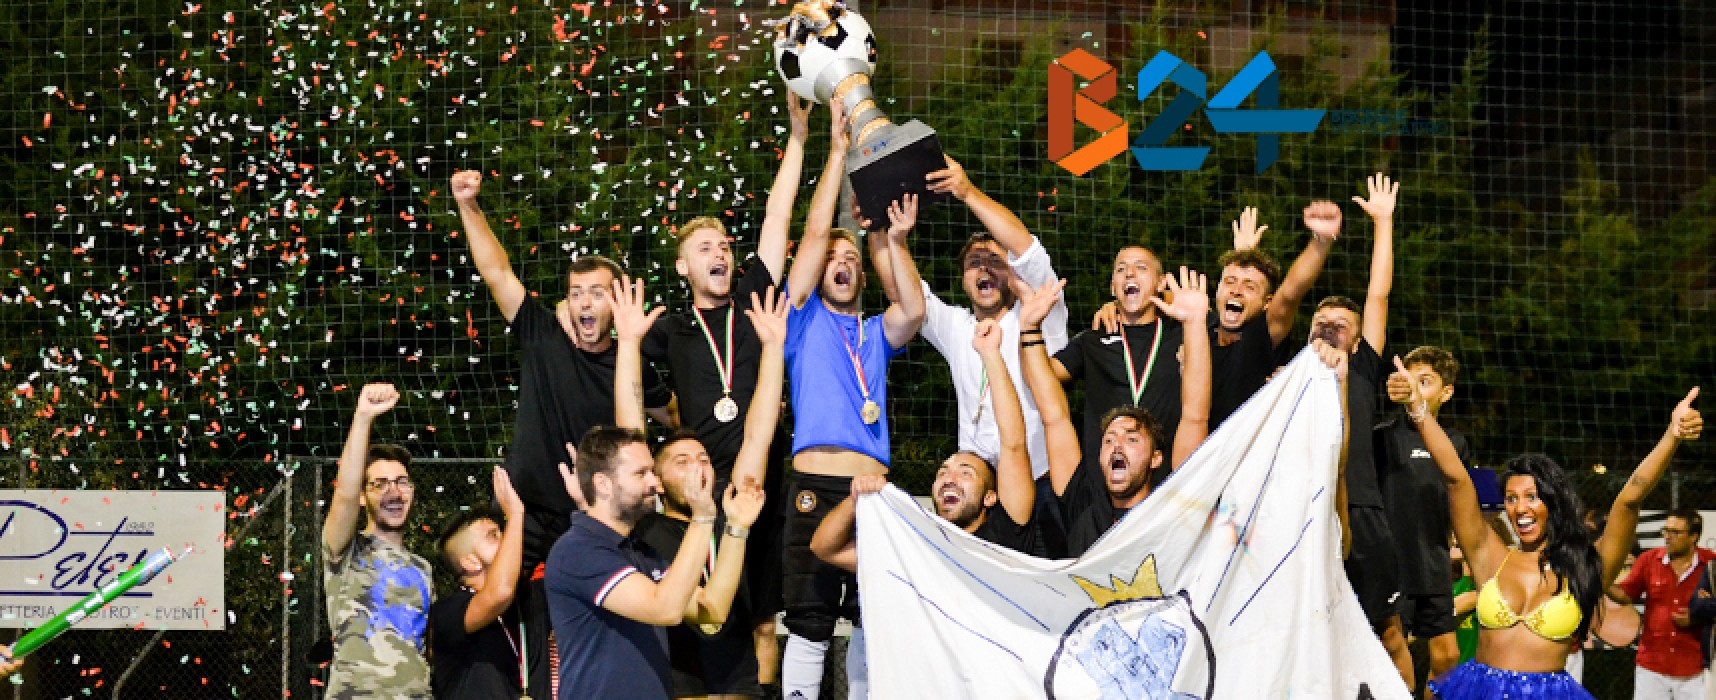 Trofeo Bisceglie24, la 13esima edizione la vince il Bunker Cantera / VIDEO e FOTOGALLERY